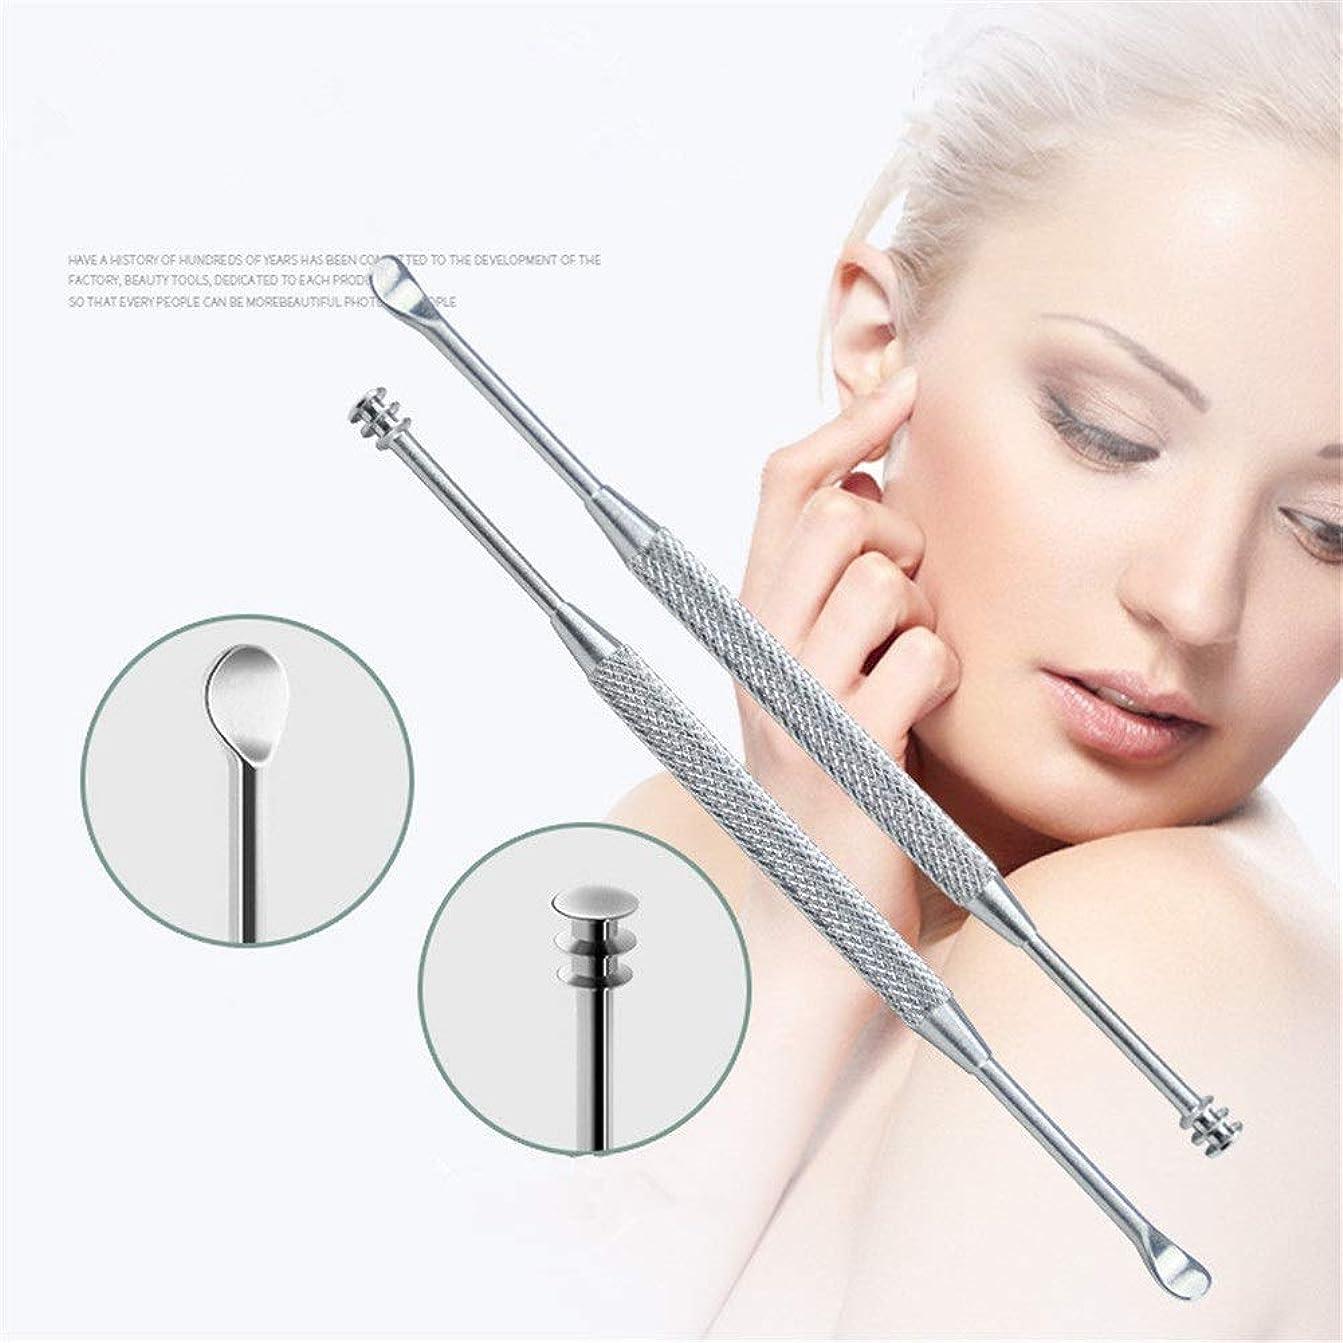 隠された感謝している吐き出すZHQI-GH 1ピース&3ピース新しいステンレス鋼の皮の耳シルバーディグ耳かきワックスリムーバーキュレット用クリーニング耳スプーンクリーンヘルスケア耳ケアツール40 (Color : Silver, Size : 1pcs)